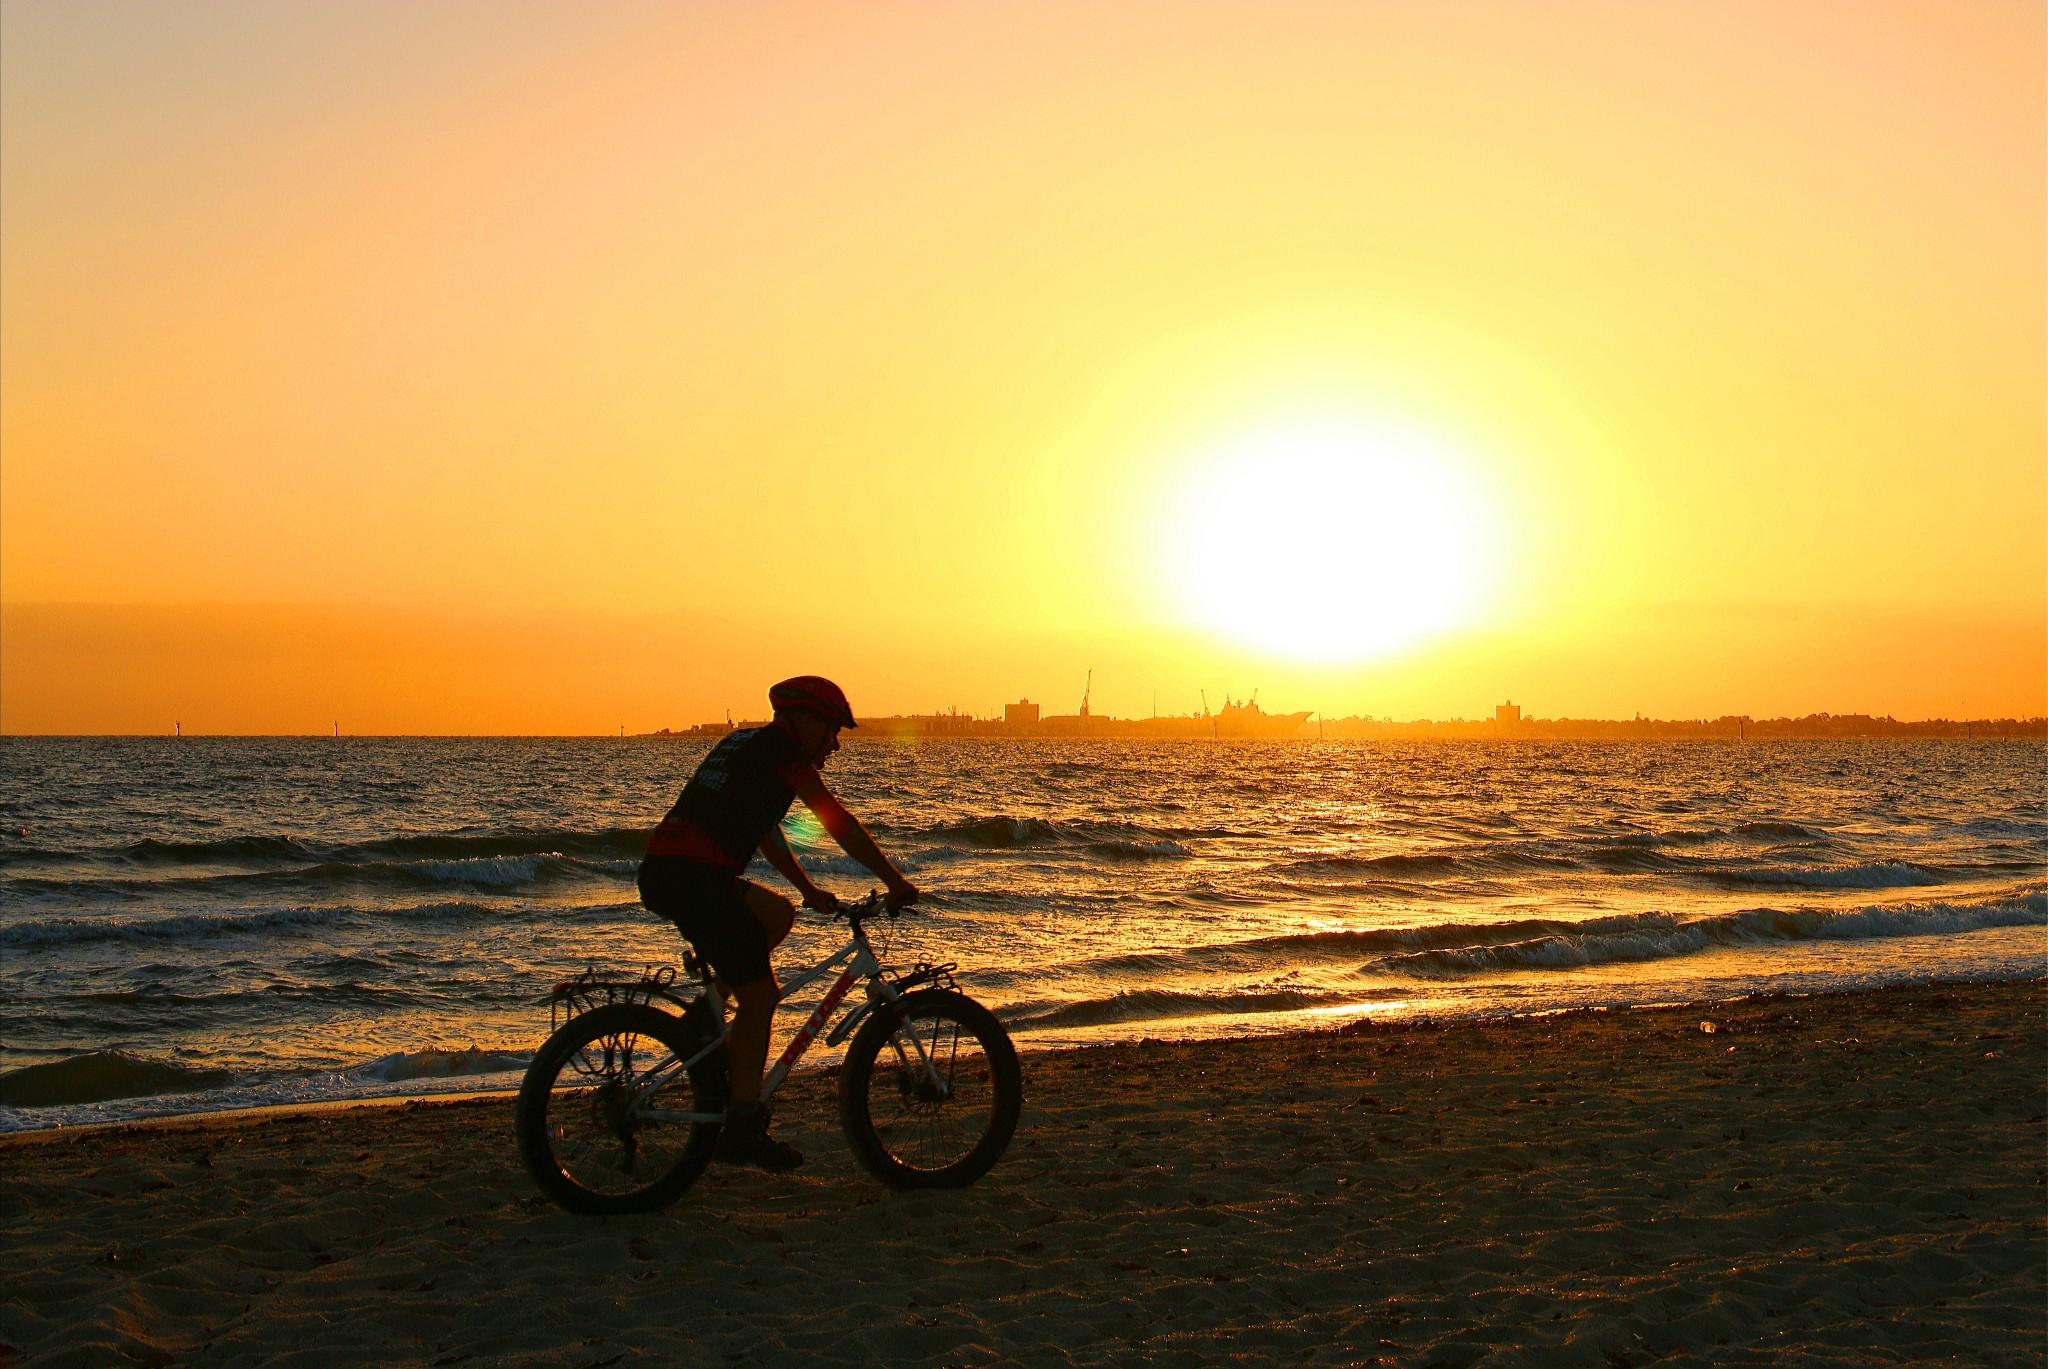 墨尔本随拍 — 夕阳下的海边